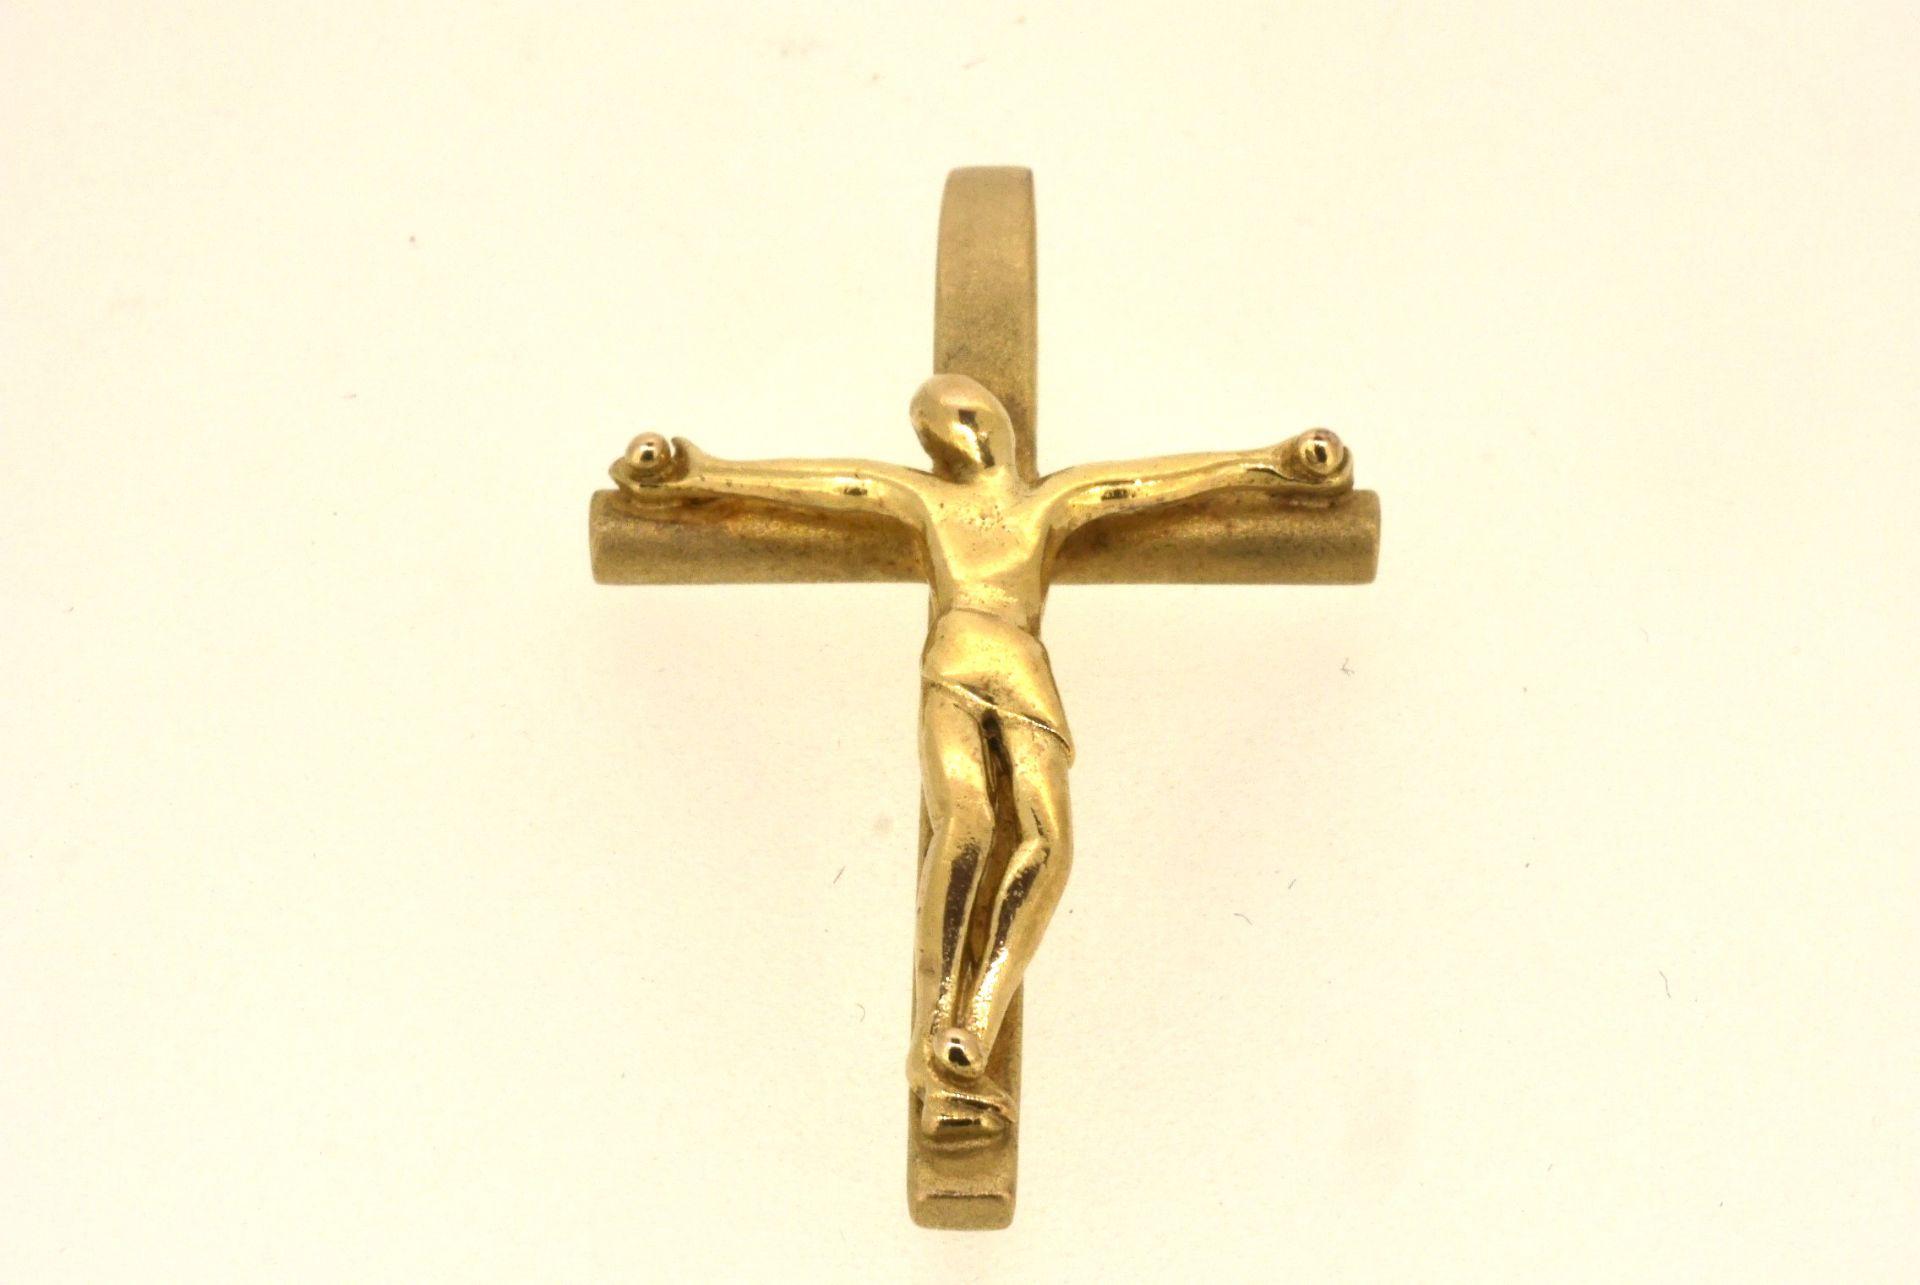 Kreuzanhänger, Silber 925 vergoldet, 3,65 Gramm